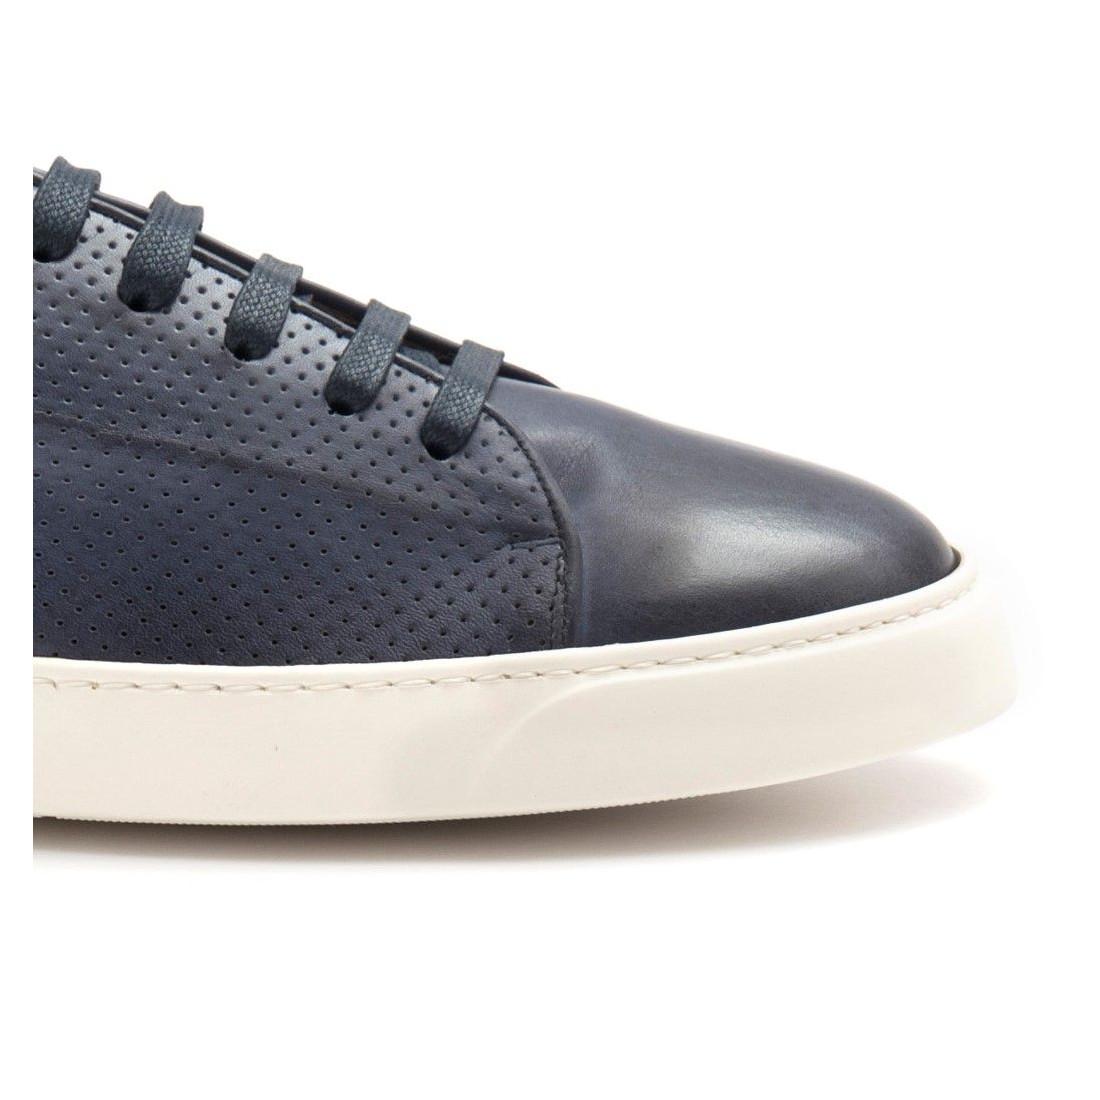 sneakers herren j wilton 1047 93venice light blu 4438